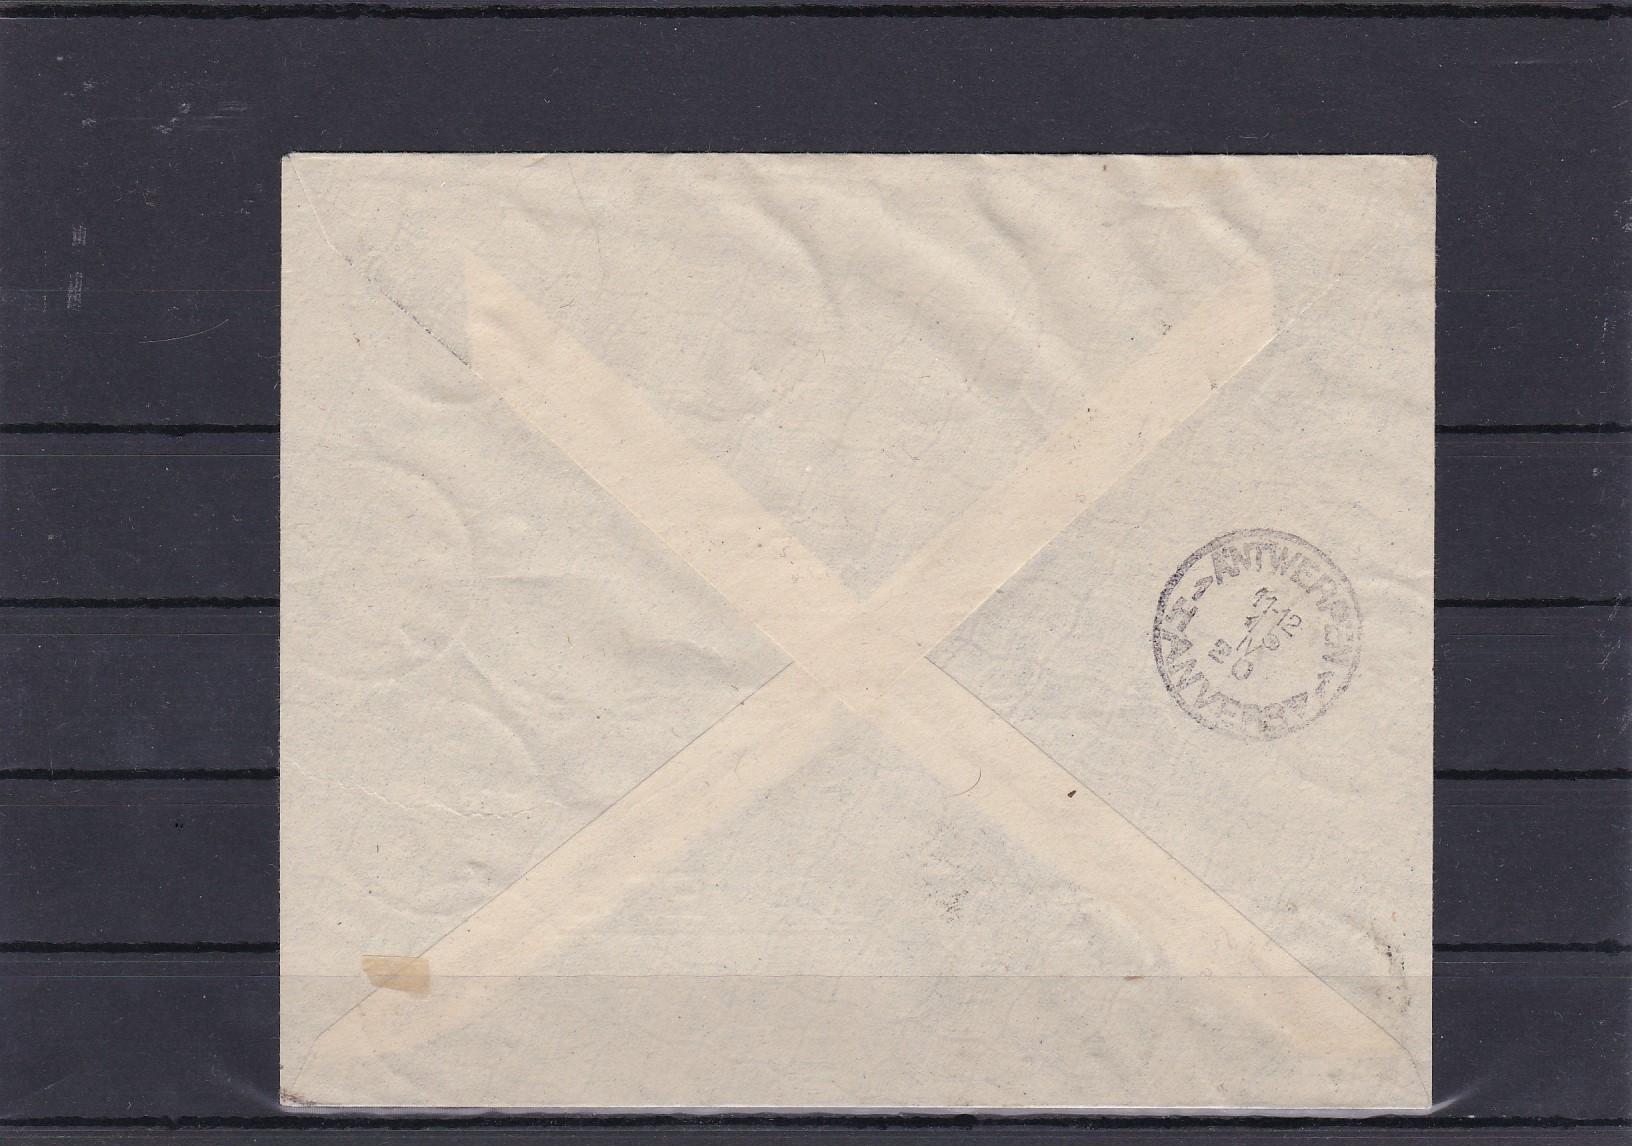 Briefe Mit Einschreiben Verfolgen : Eupen einschreiben briefe mit minr · philarena